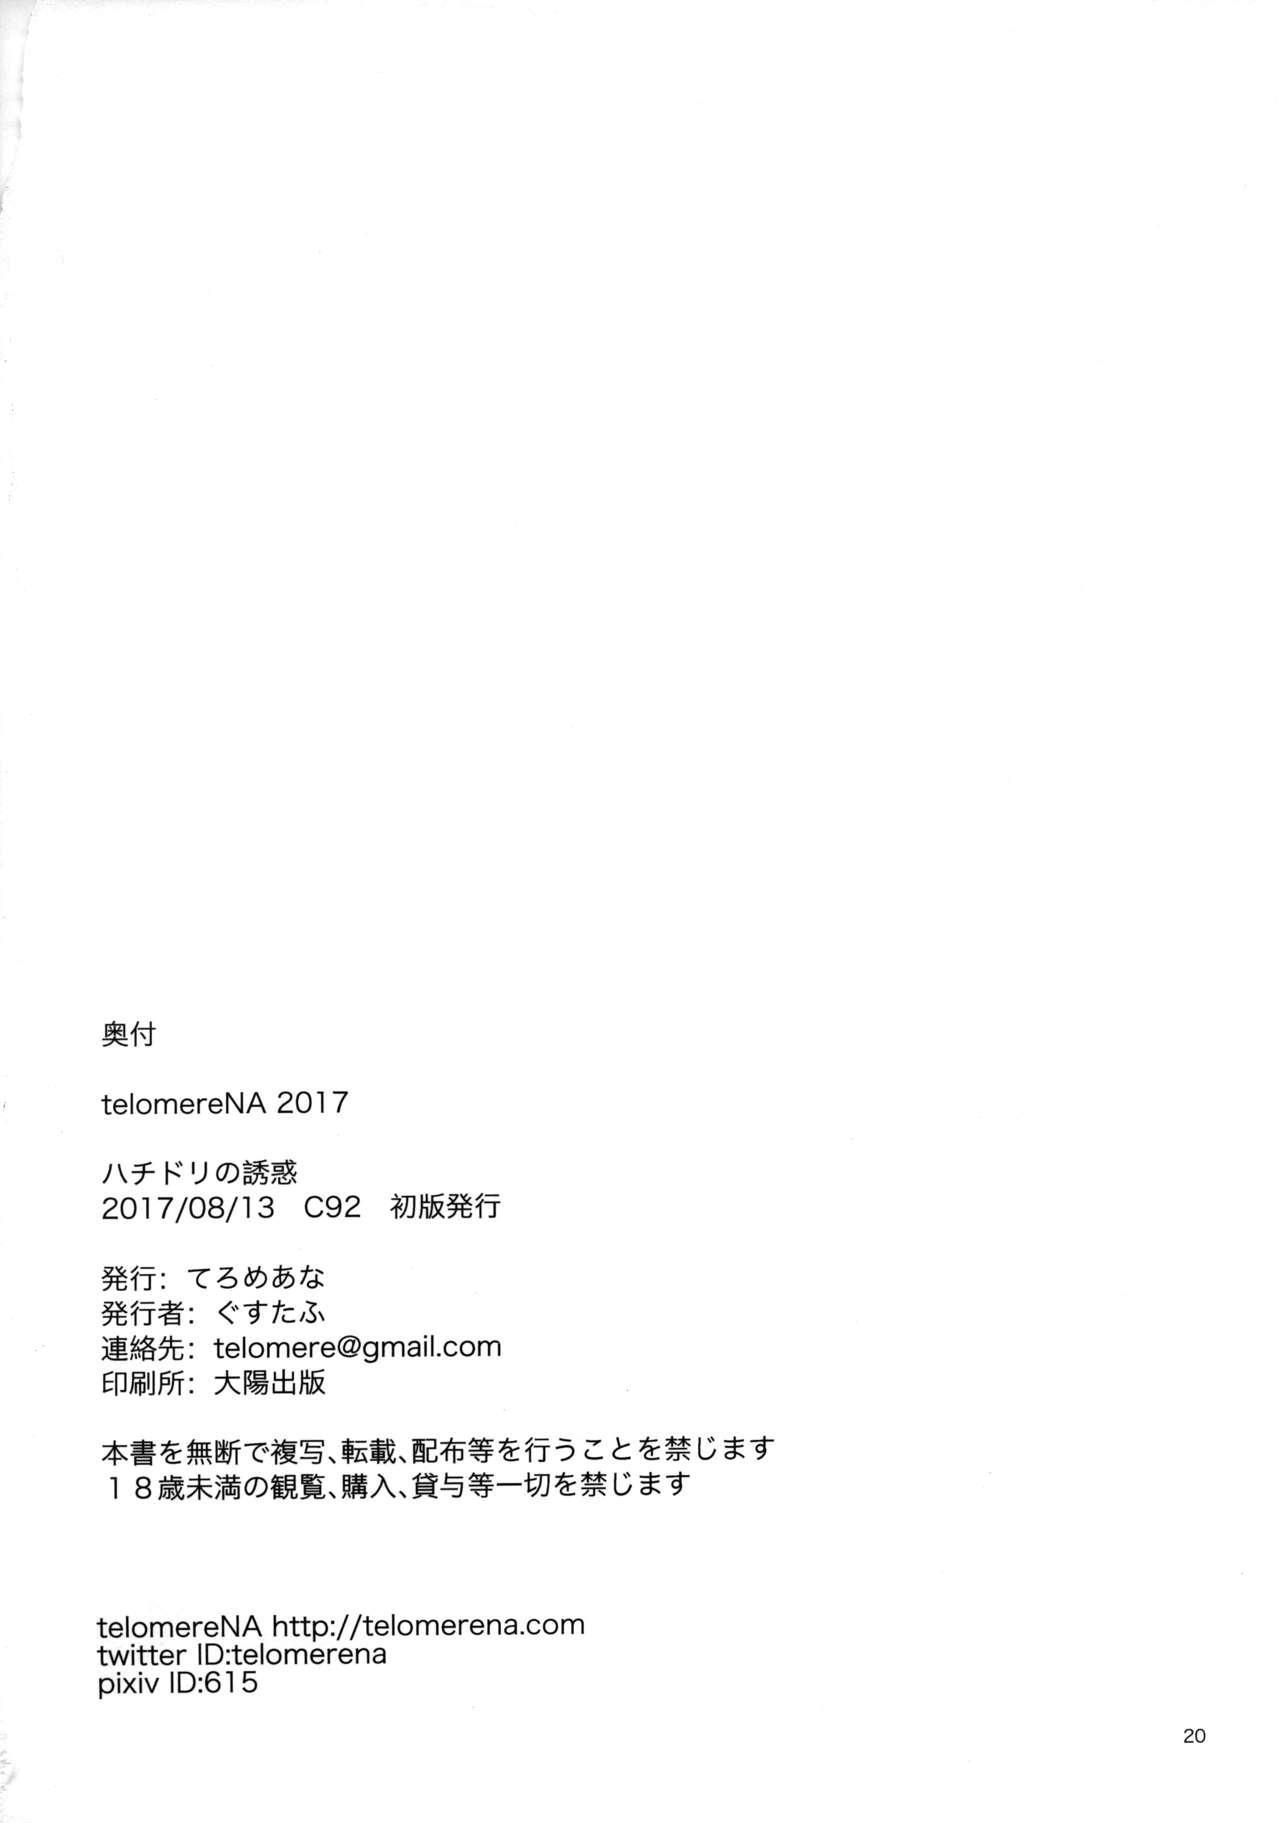 Hachidori no Yuuwaku 20